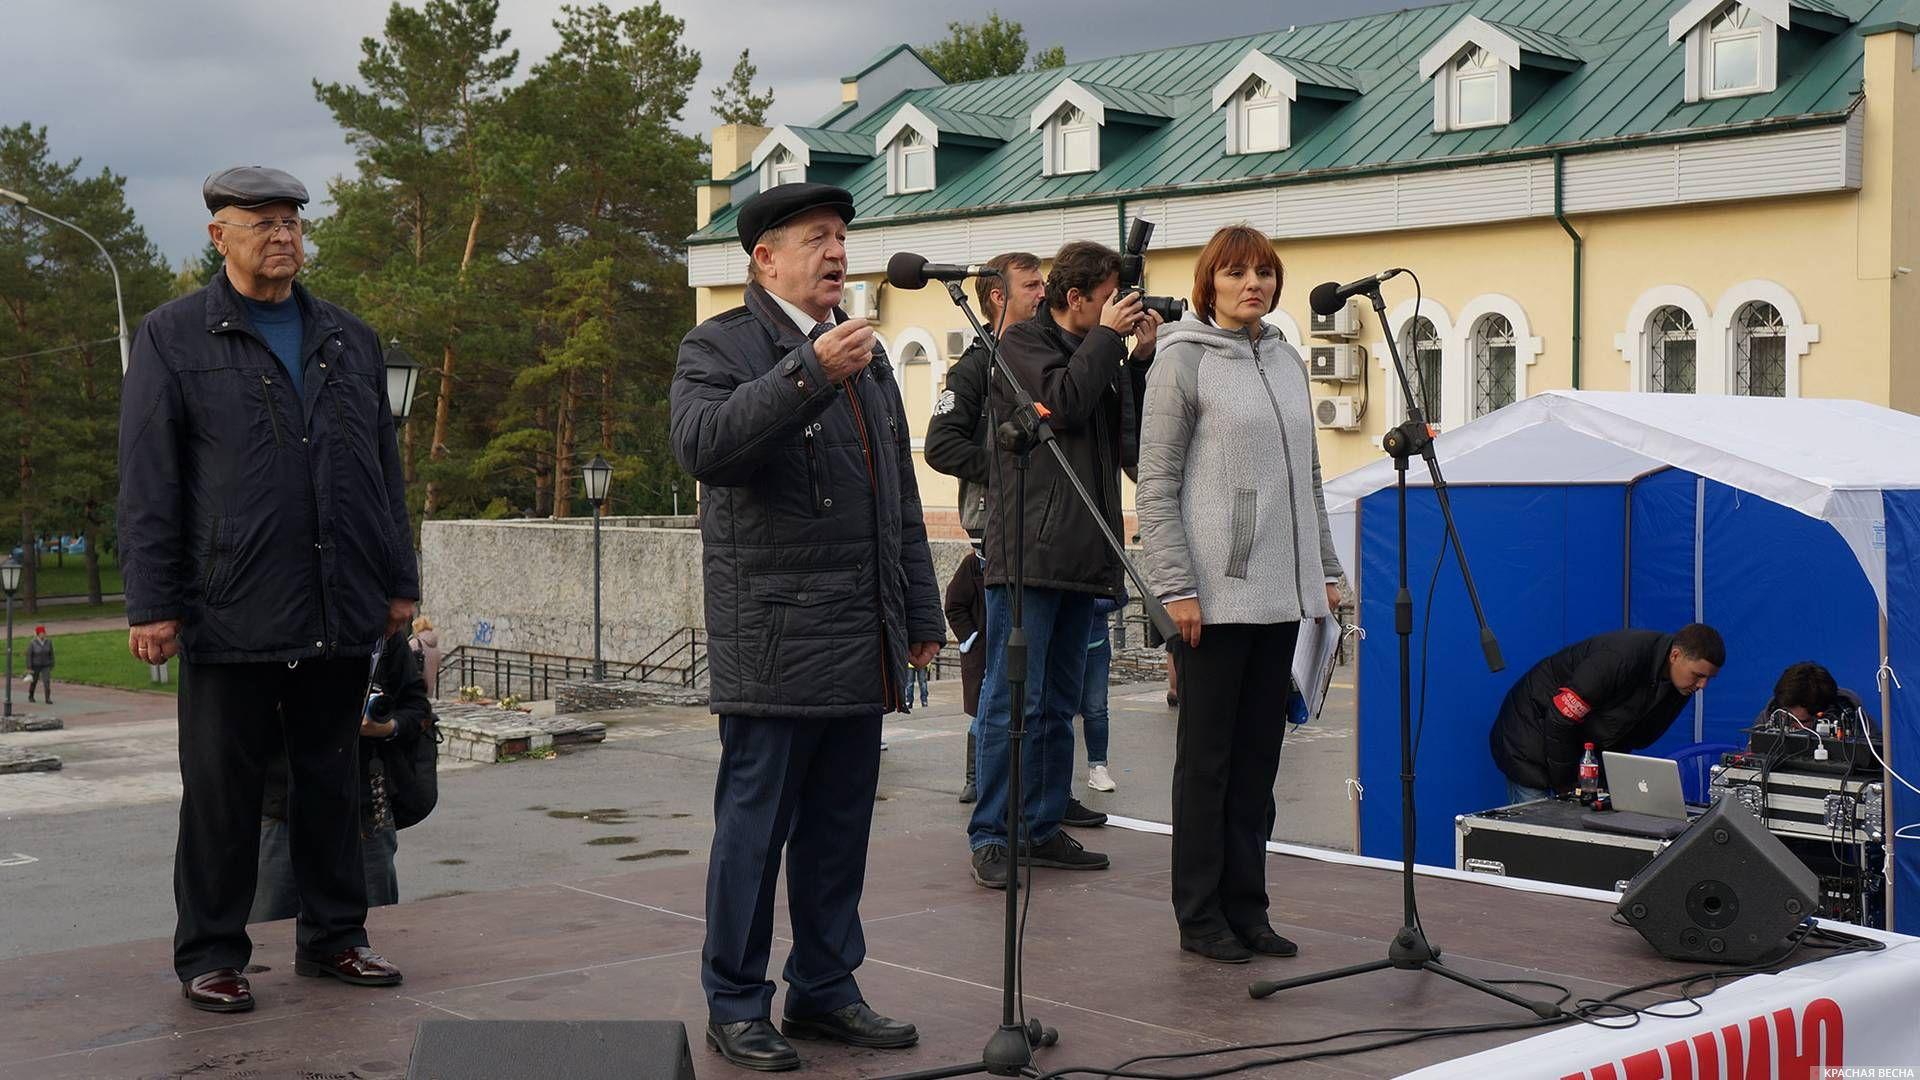 Владимир Карпов (КПРФ) на митинге против пенсионной реформы. Новосибирск 13.09.2018